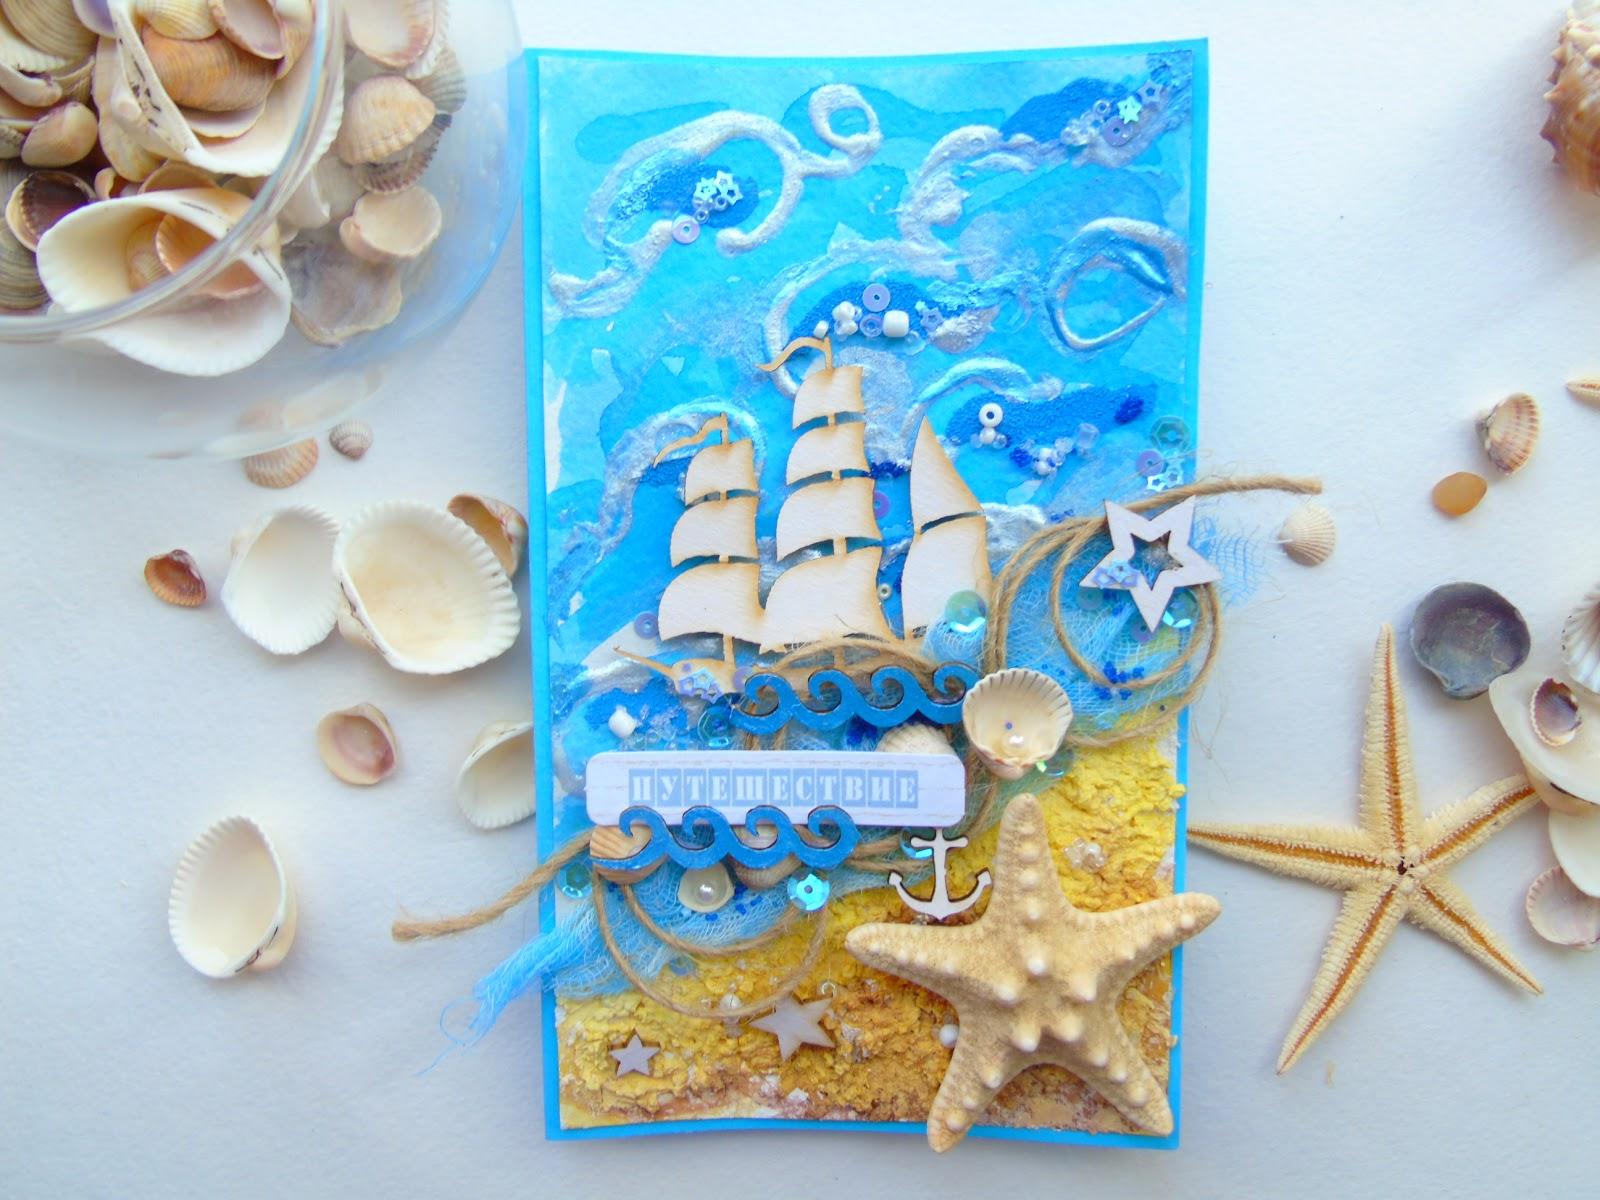 Картинки для морской открытки, красивые